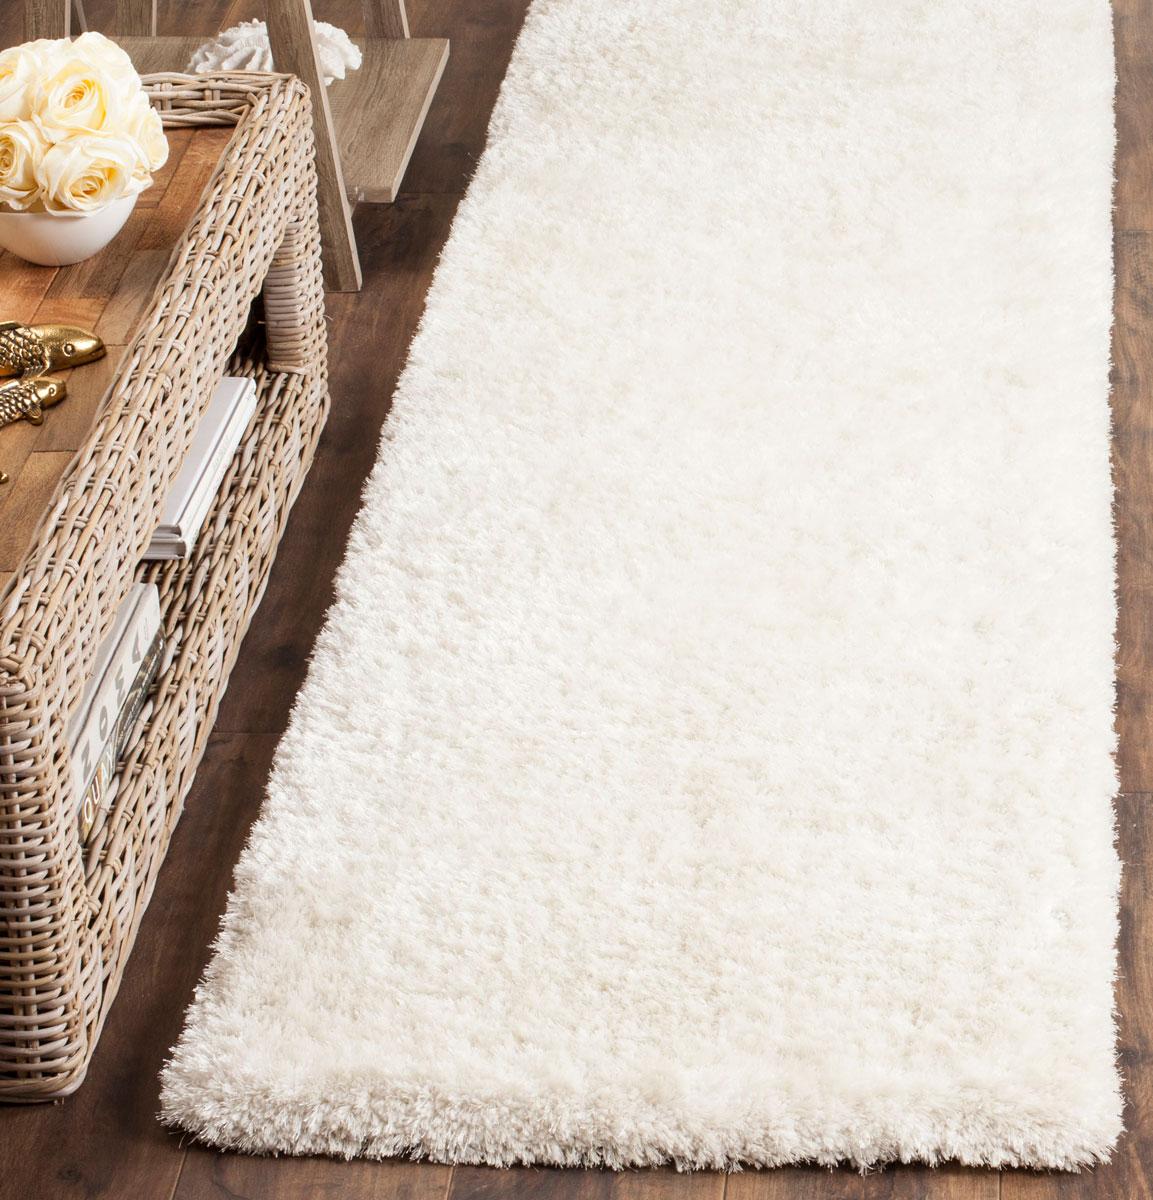 Soft White Shag Rug Toronto Shag Collection Safavieh Com